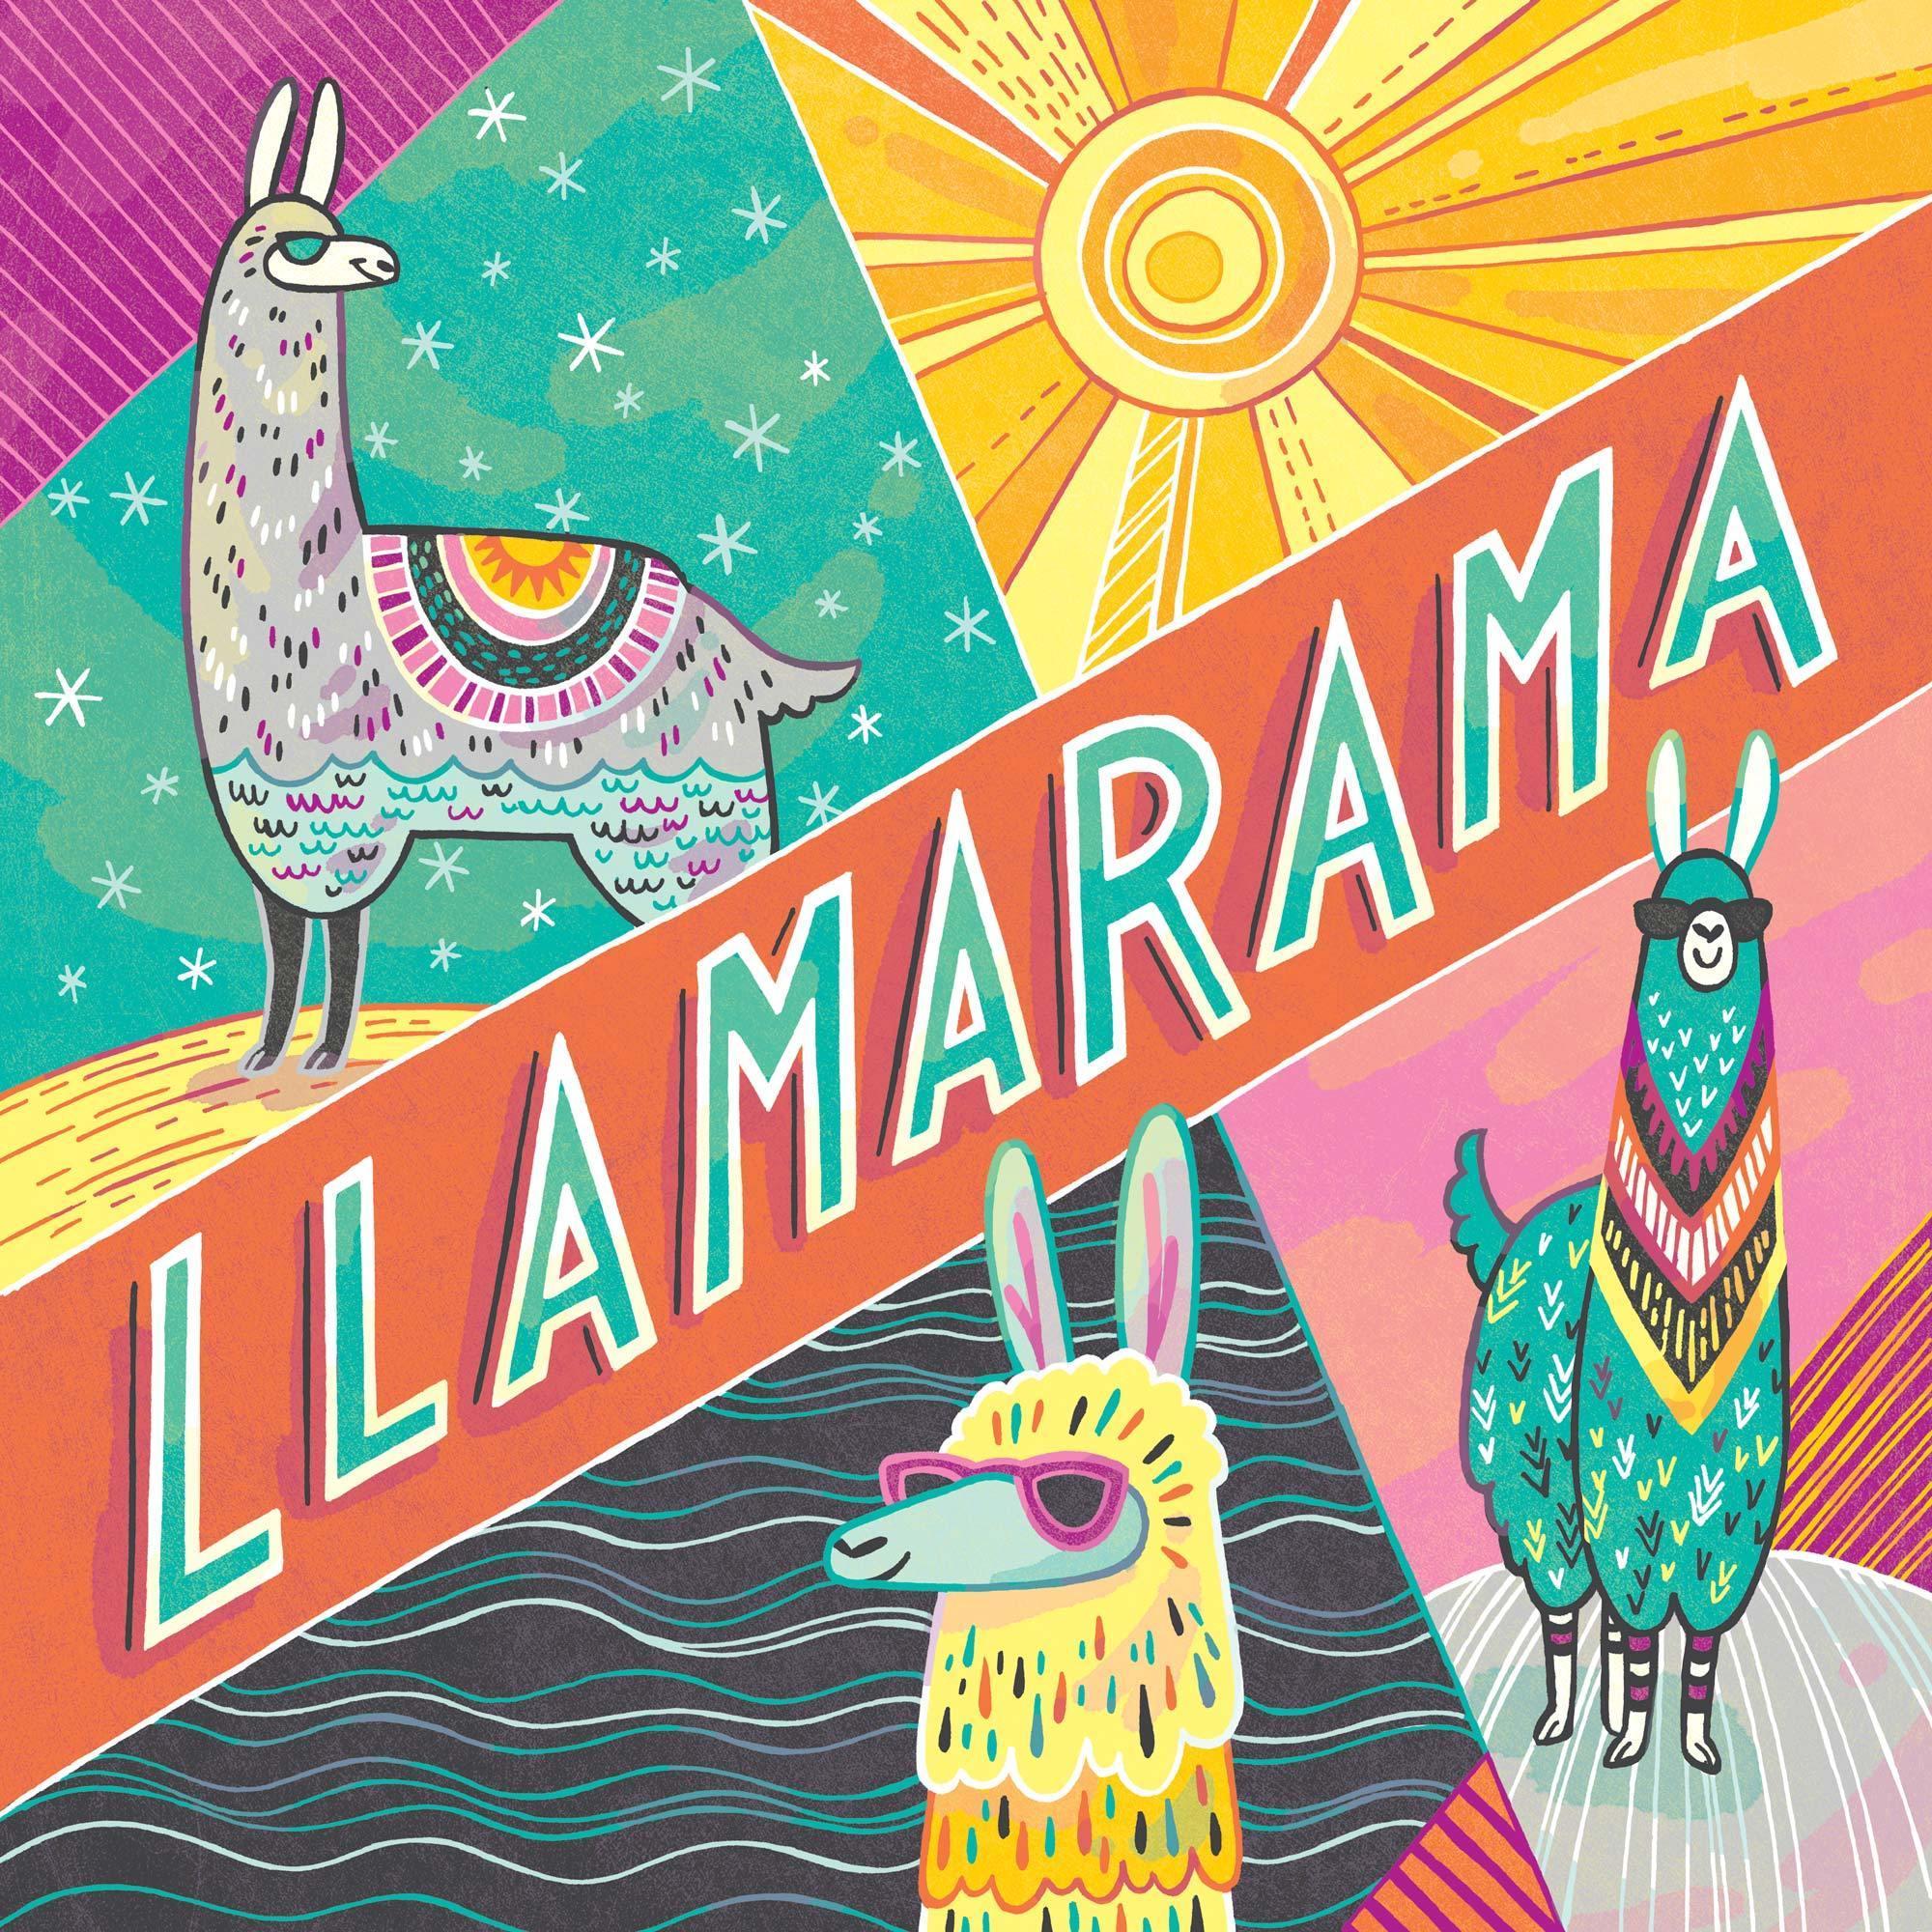 Cecilia Rodriguez Calendario 2020.Theispot Com Anni Betts Illustrates A 2020 Llama Calendar